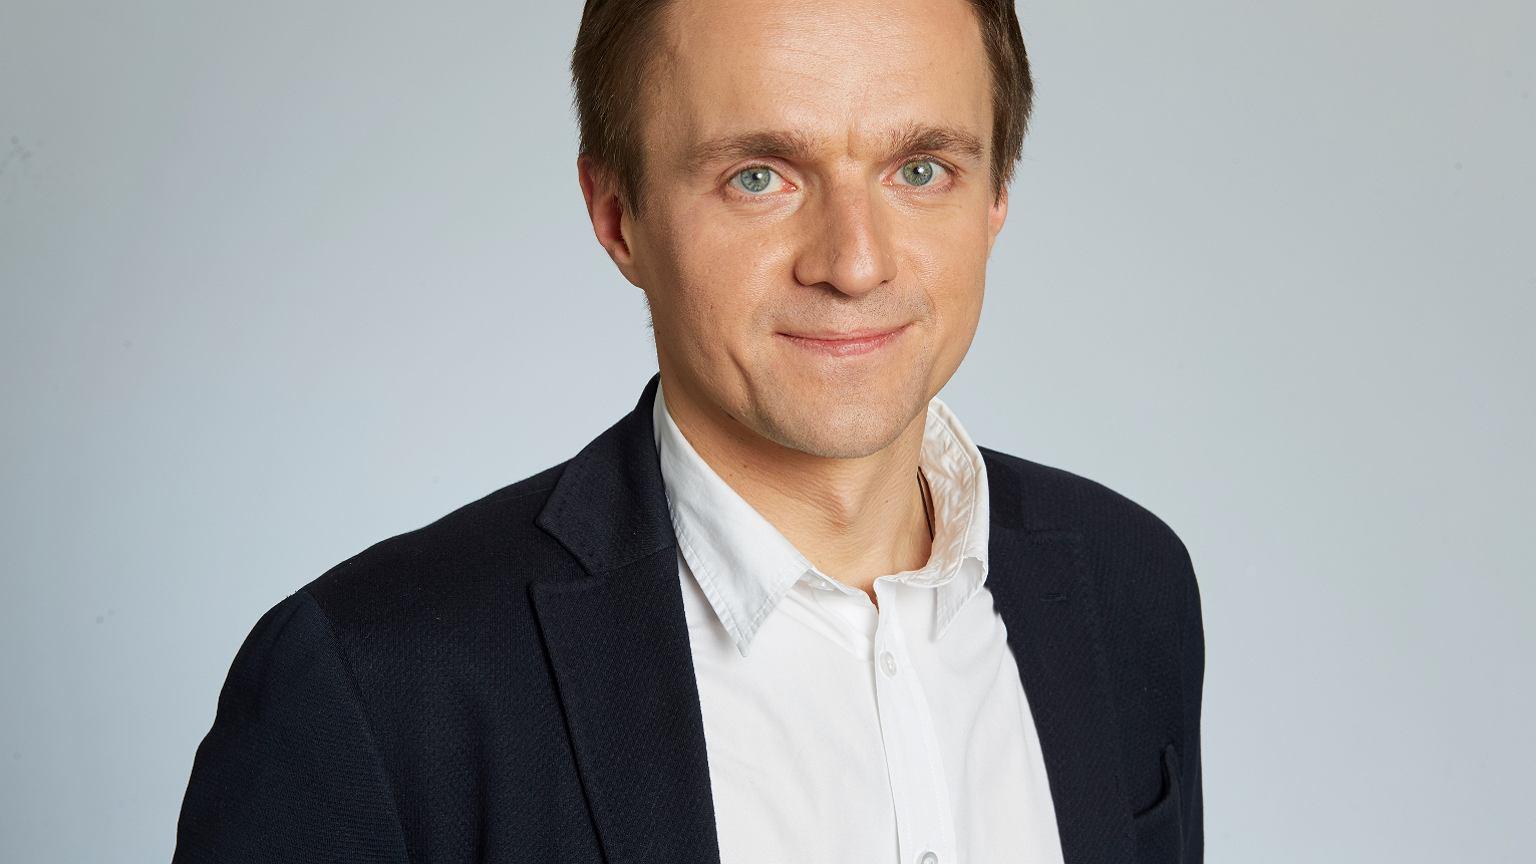 Leszek Jażdżewski